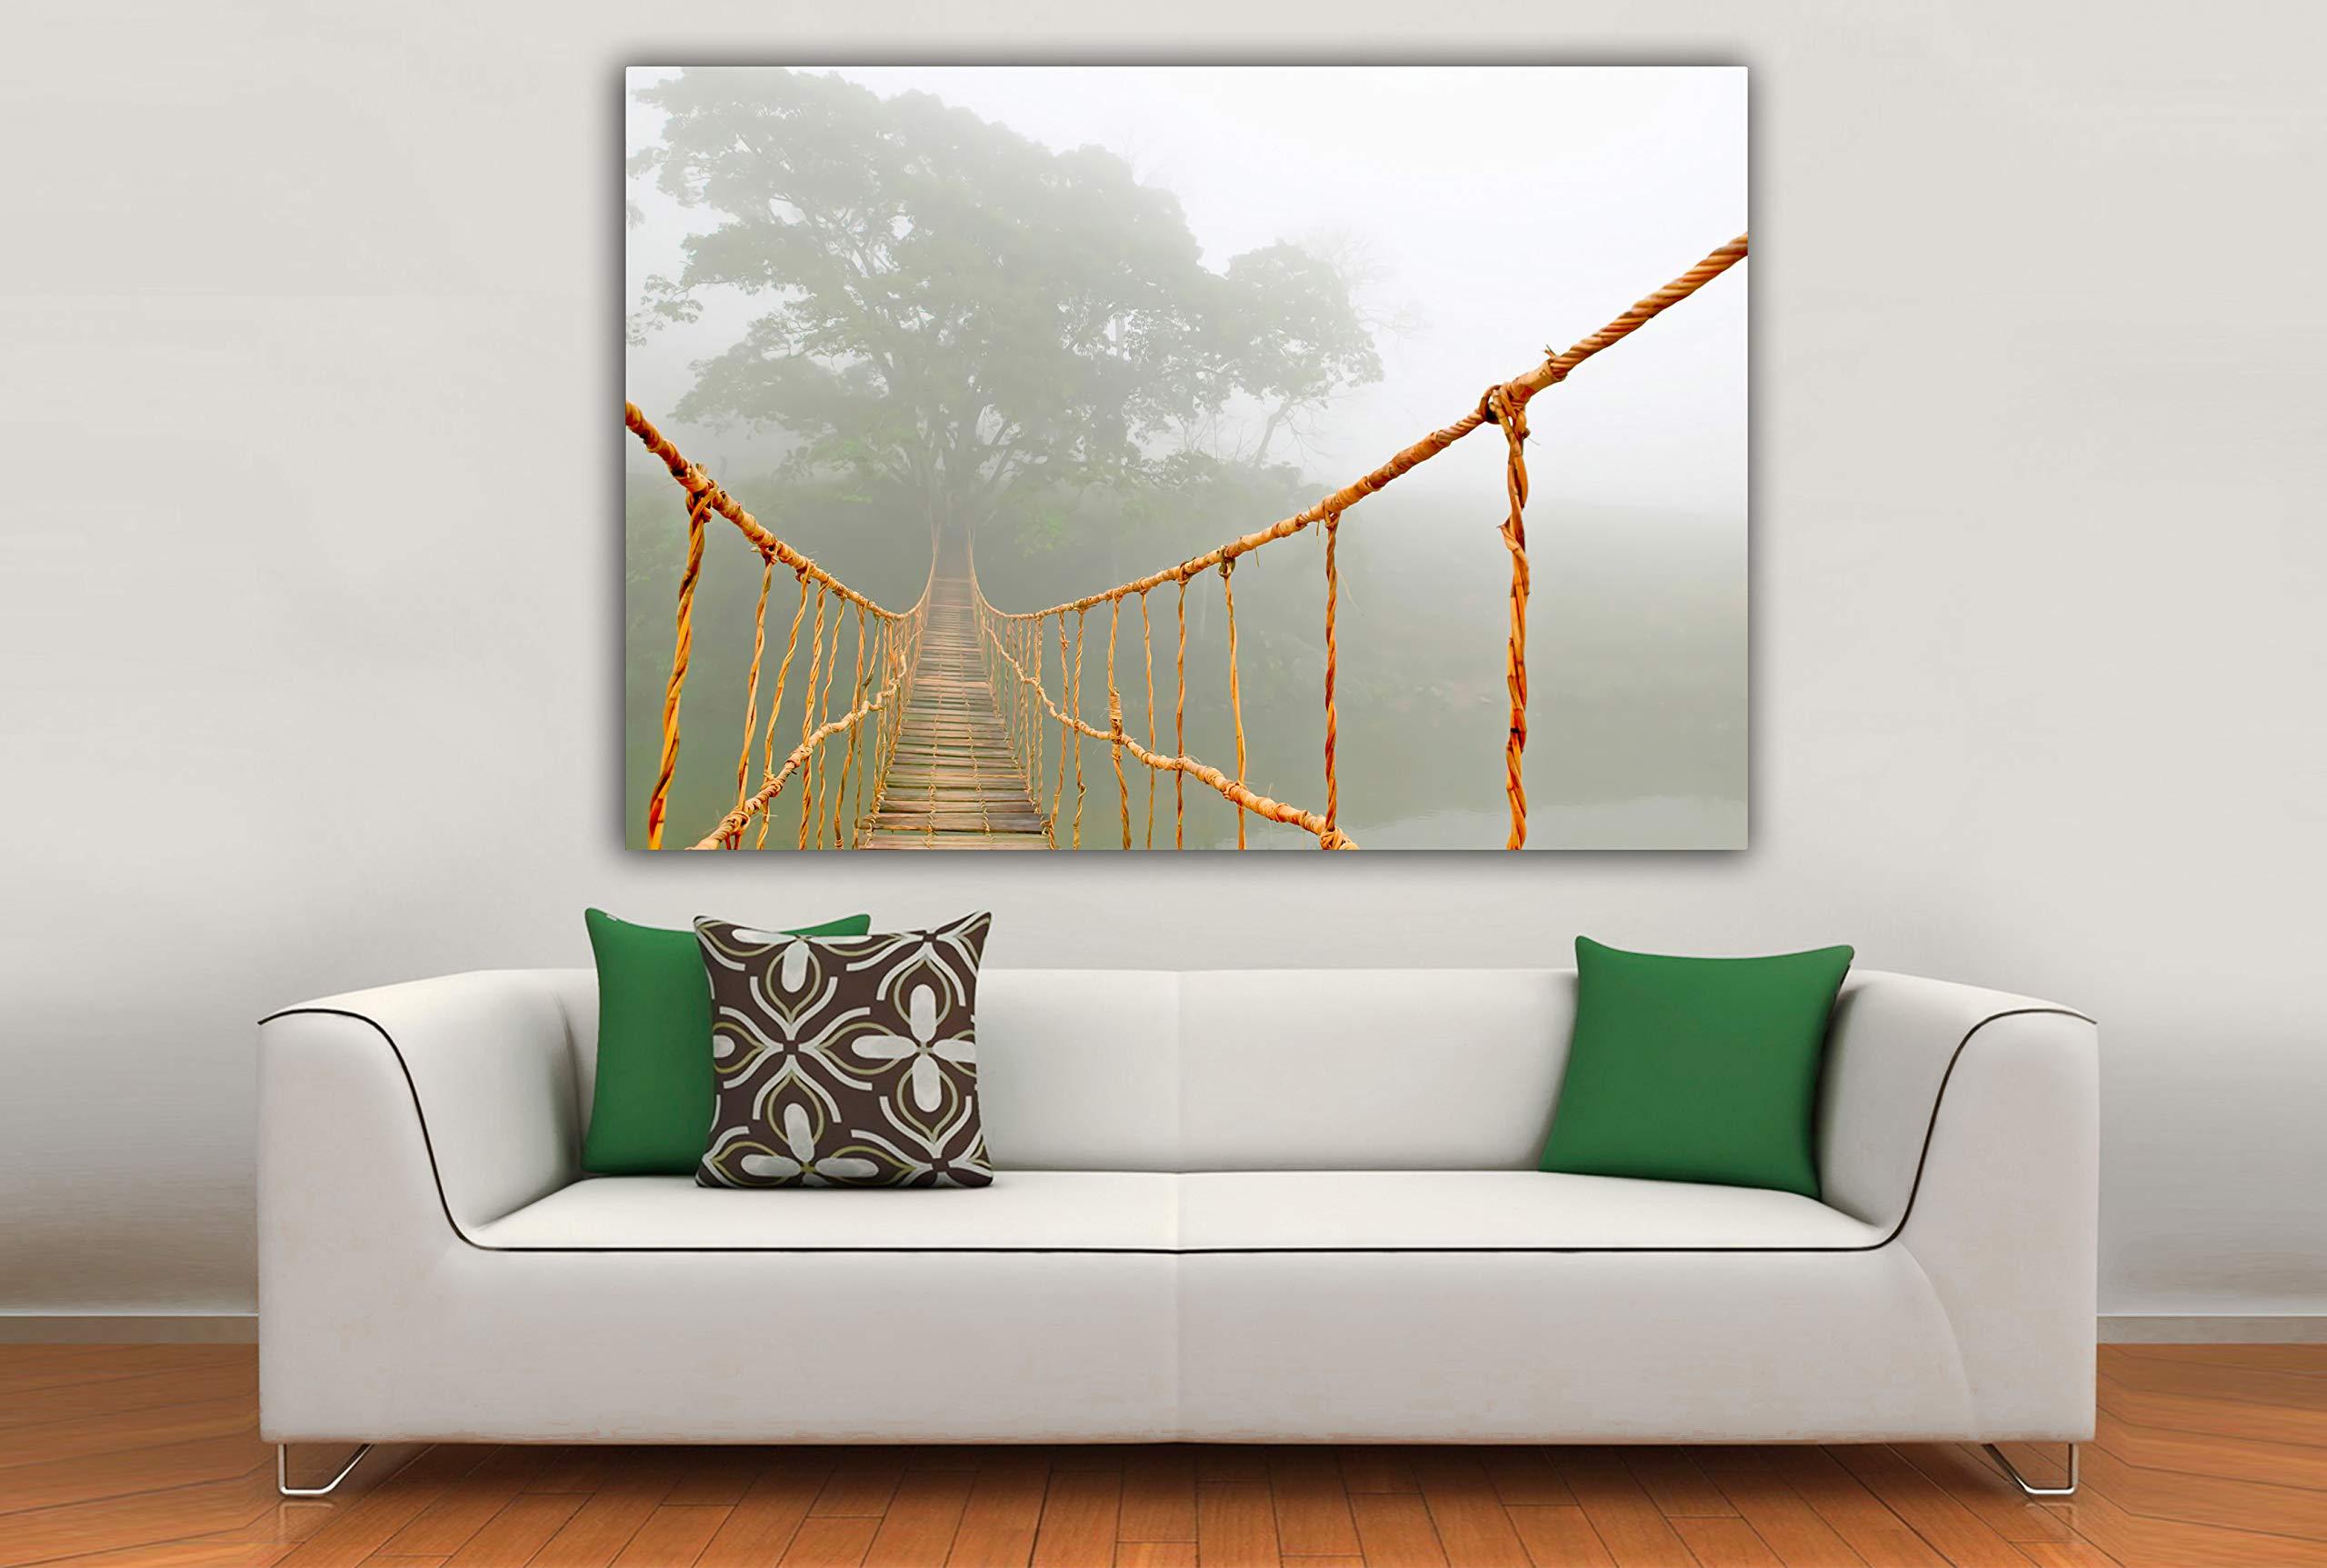 Cuadro Lienzo Viaje por la Jungla – Puente Colgante - Lienzo de Tela Bastidor de Madera de 3 cm - Fabricado en España - Impresión en Alta resolución – 105x150: Amazon.es: Hogar